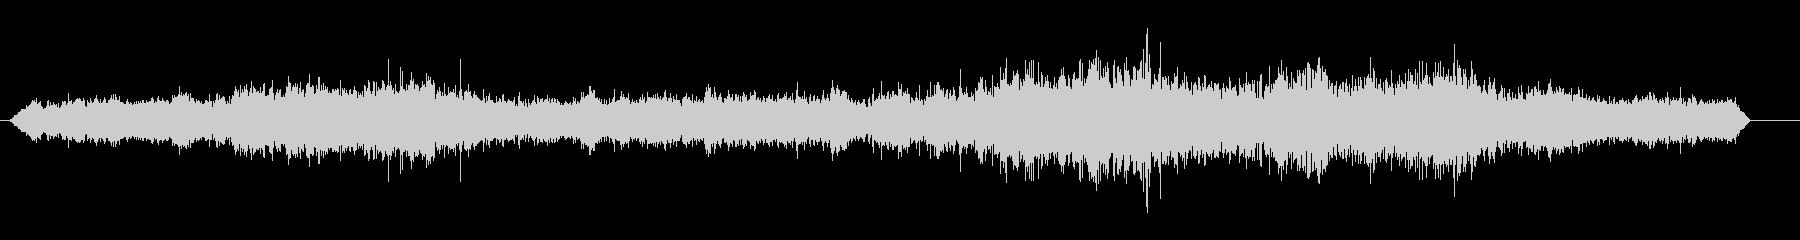 電車-中央駅-声の未再生の波形